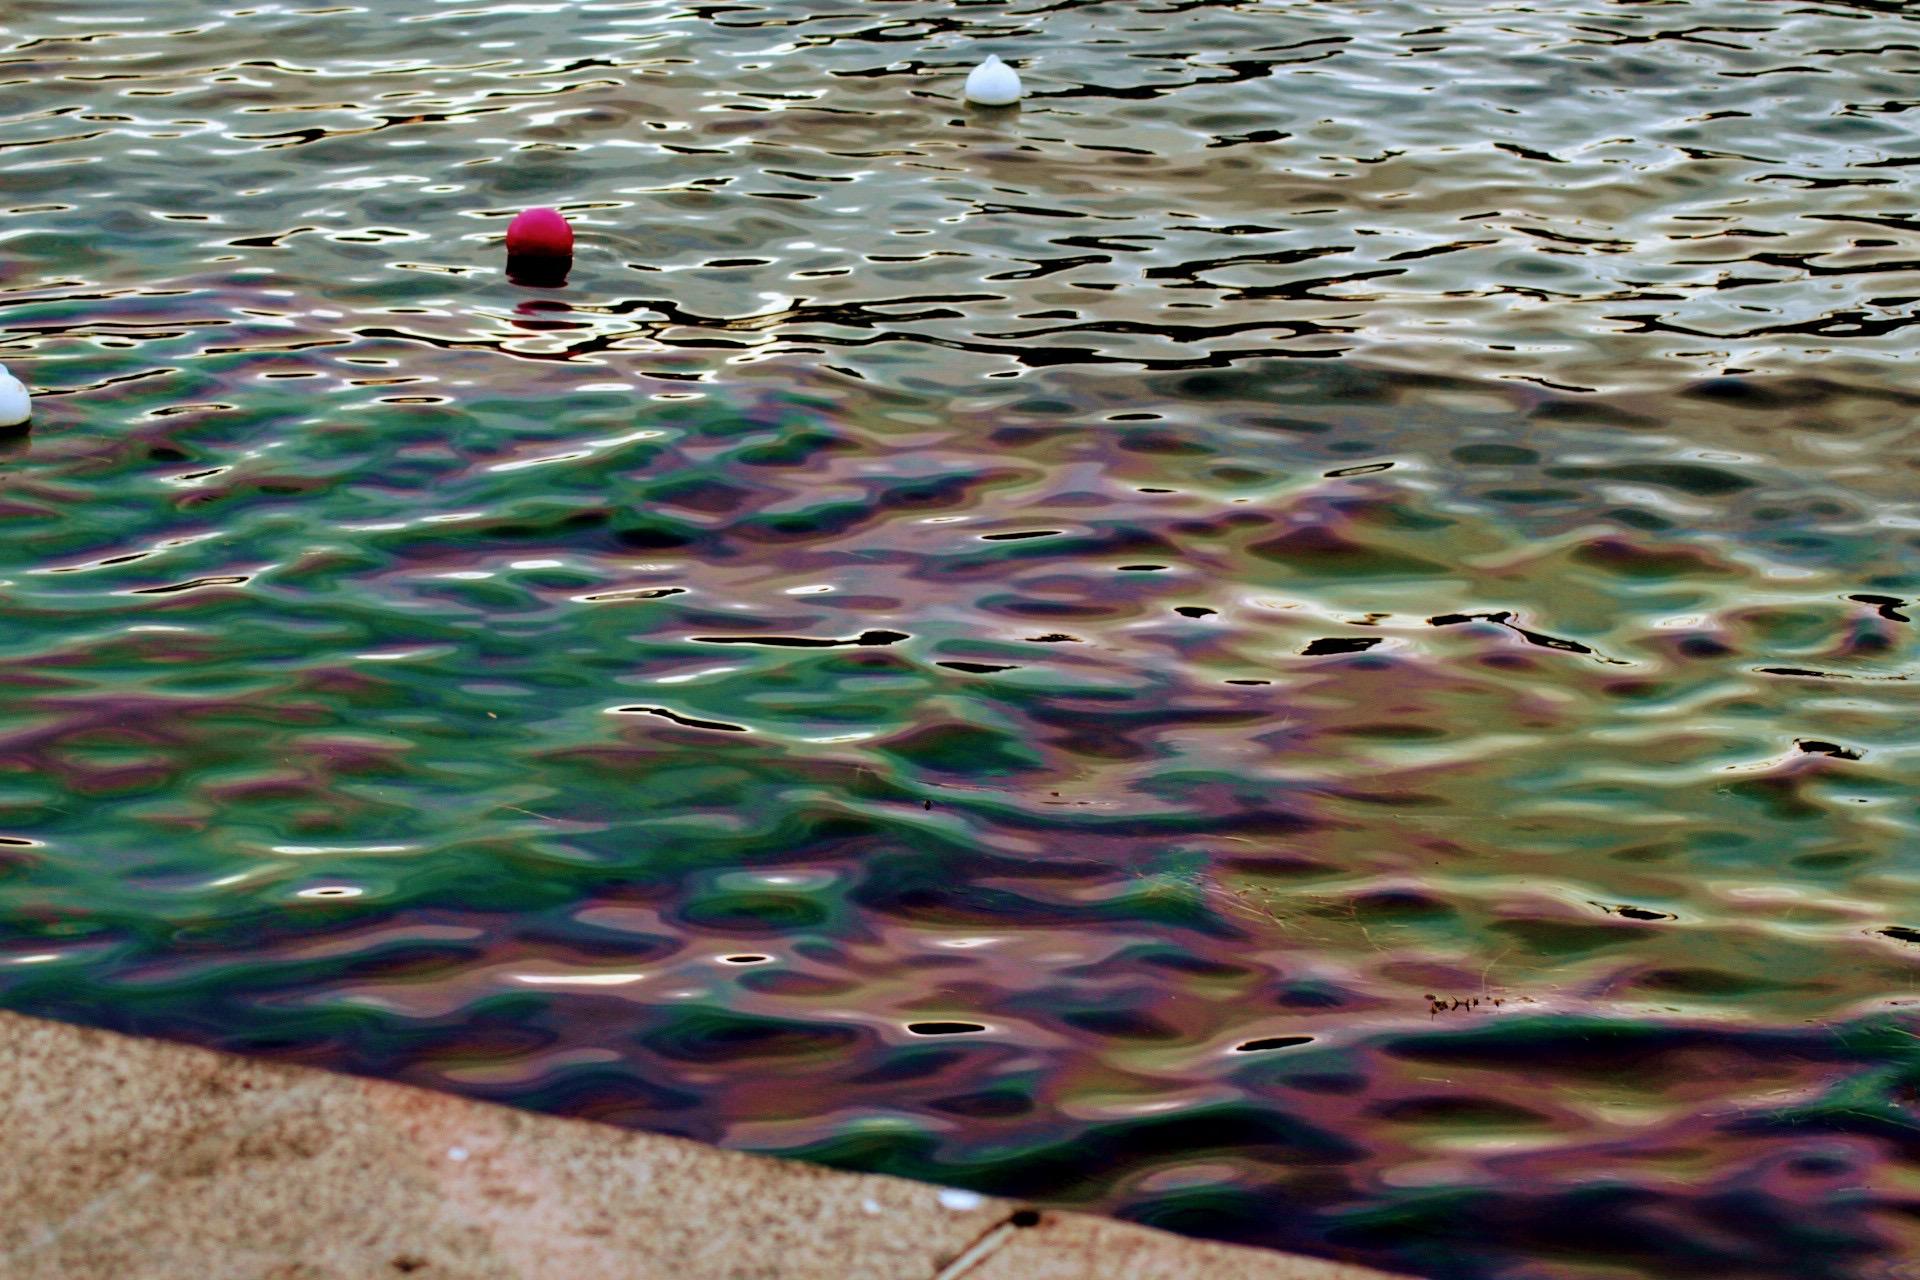 Større olieforurening i Bryggens badevand